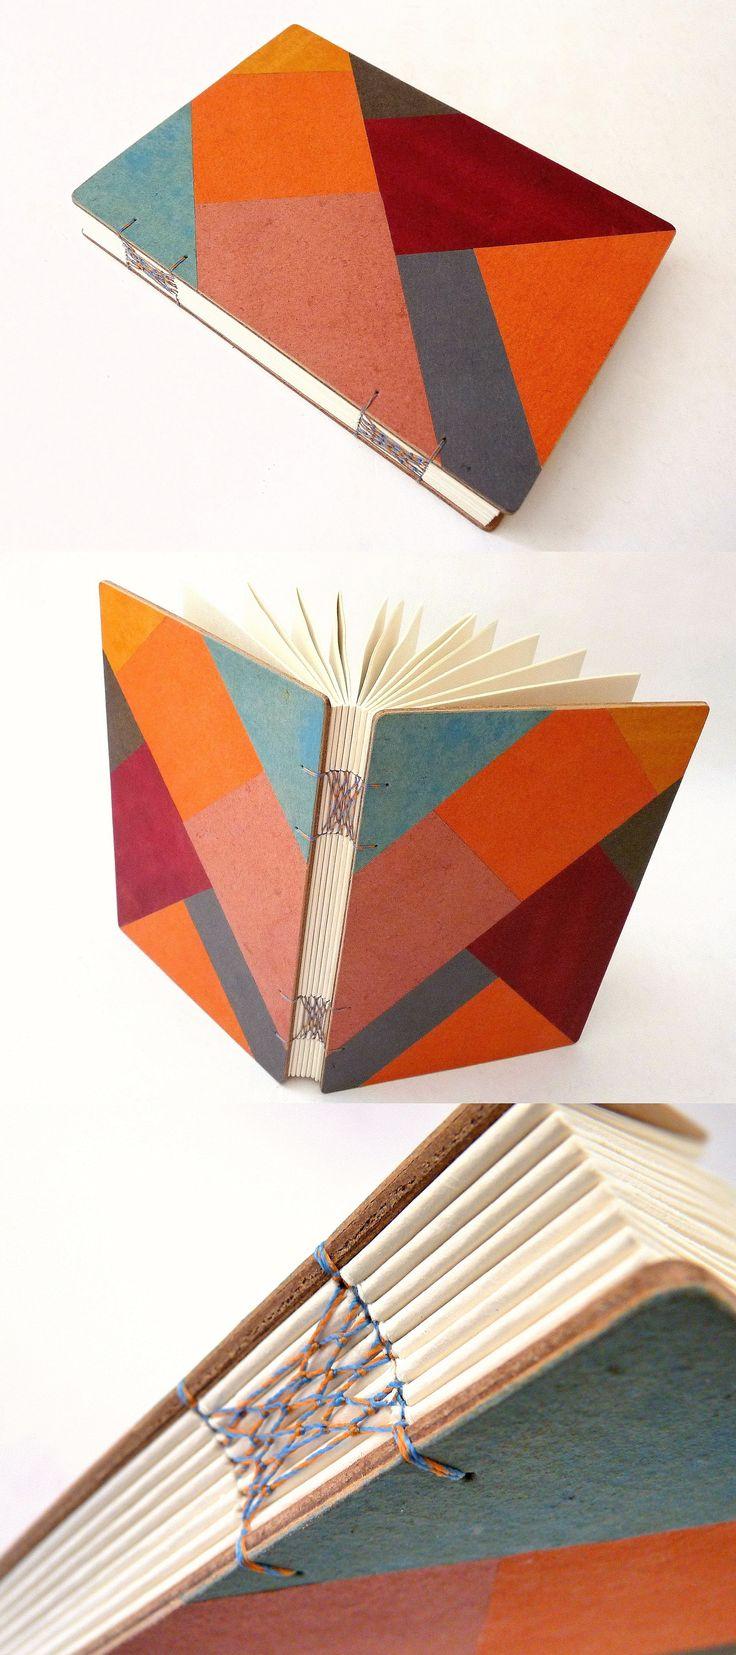 Encadernação macramê, capa com mosaico em recouro. Luisa Gomes Cardoso para o Canteiro de Alfaces